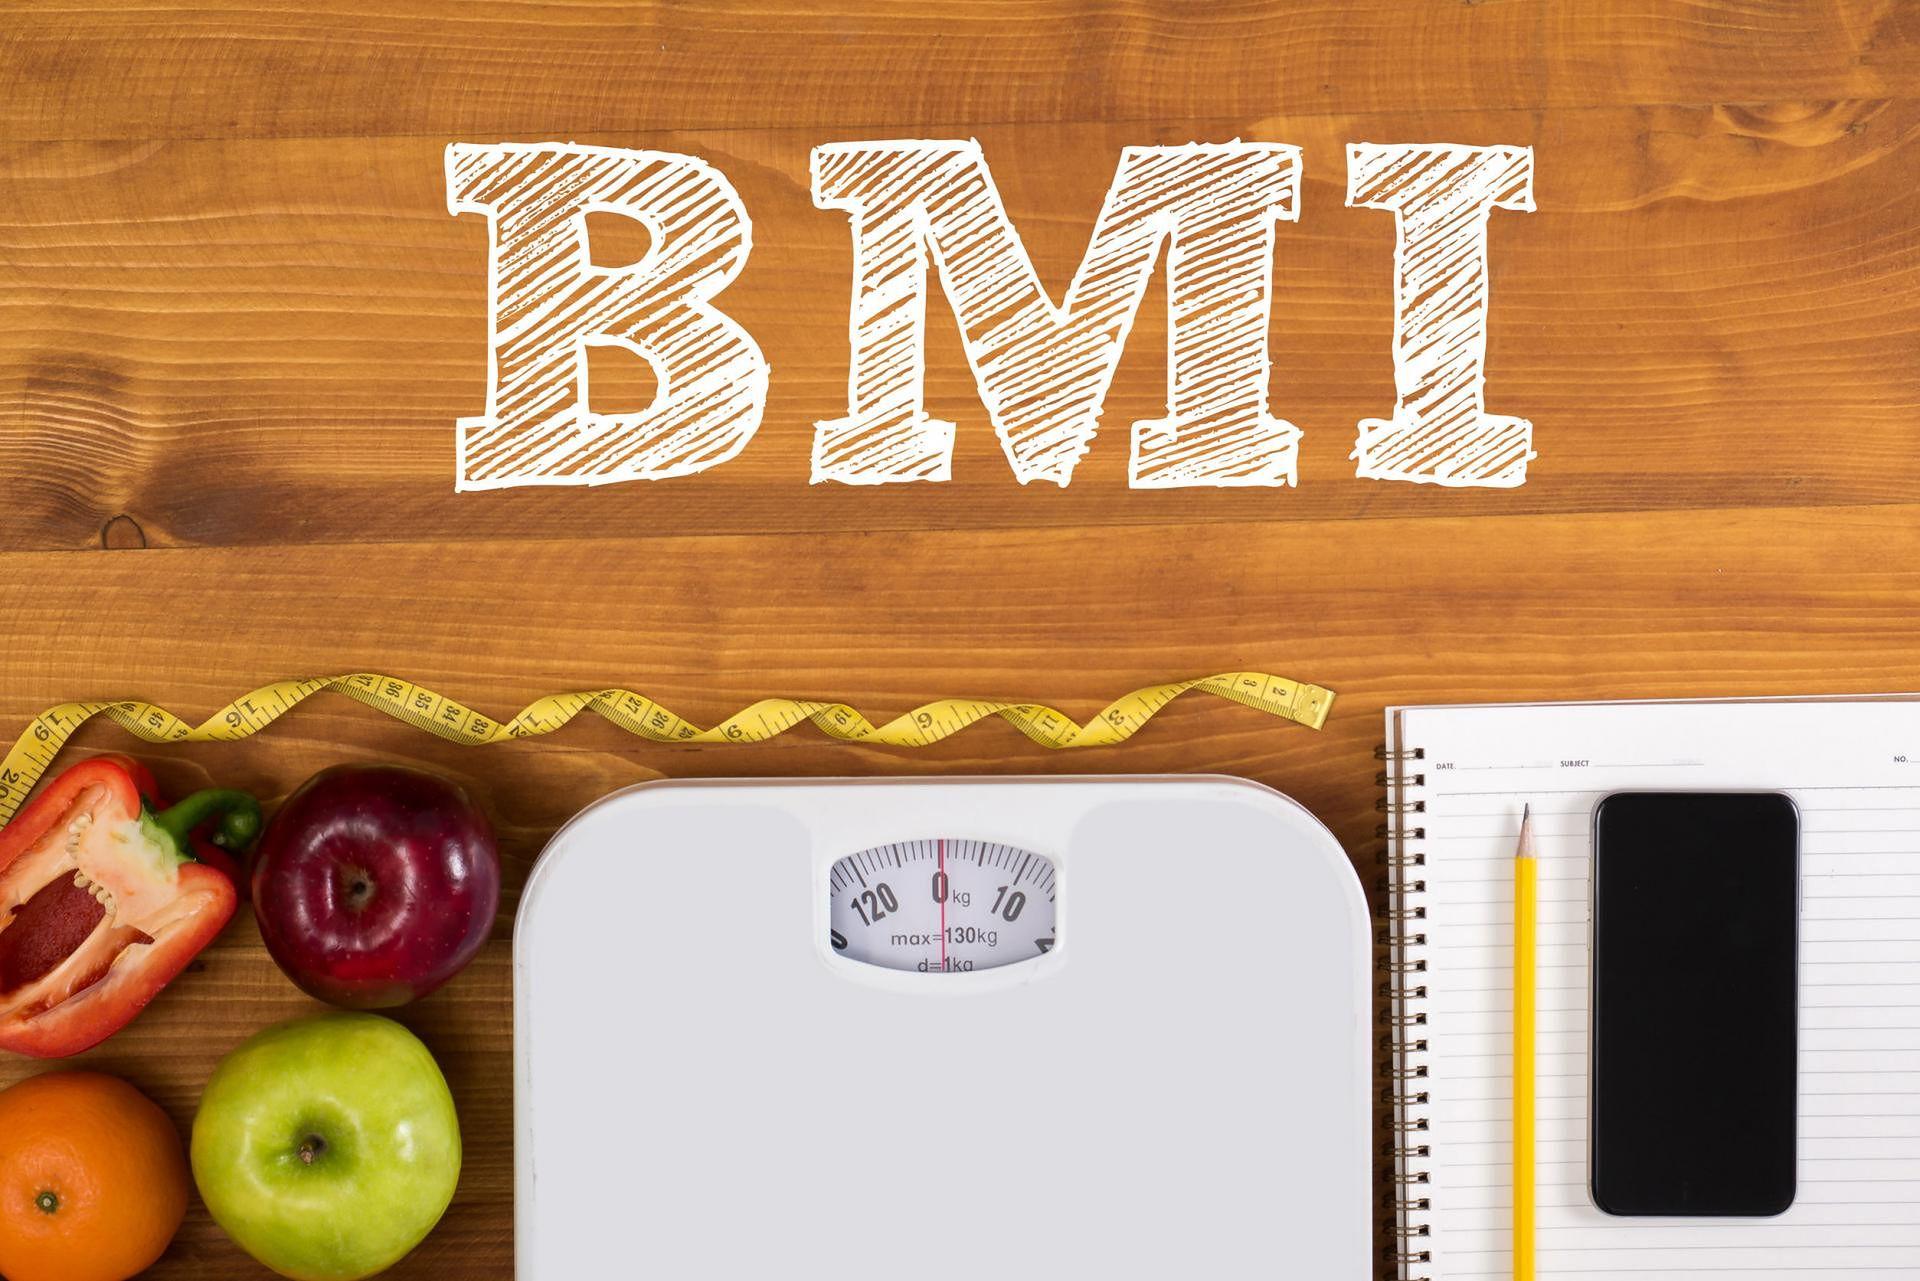 dieta na mase miesniowa kalkulator